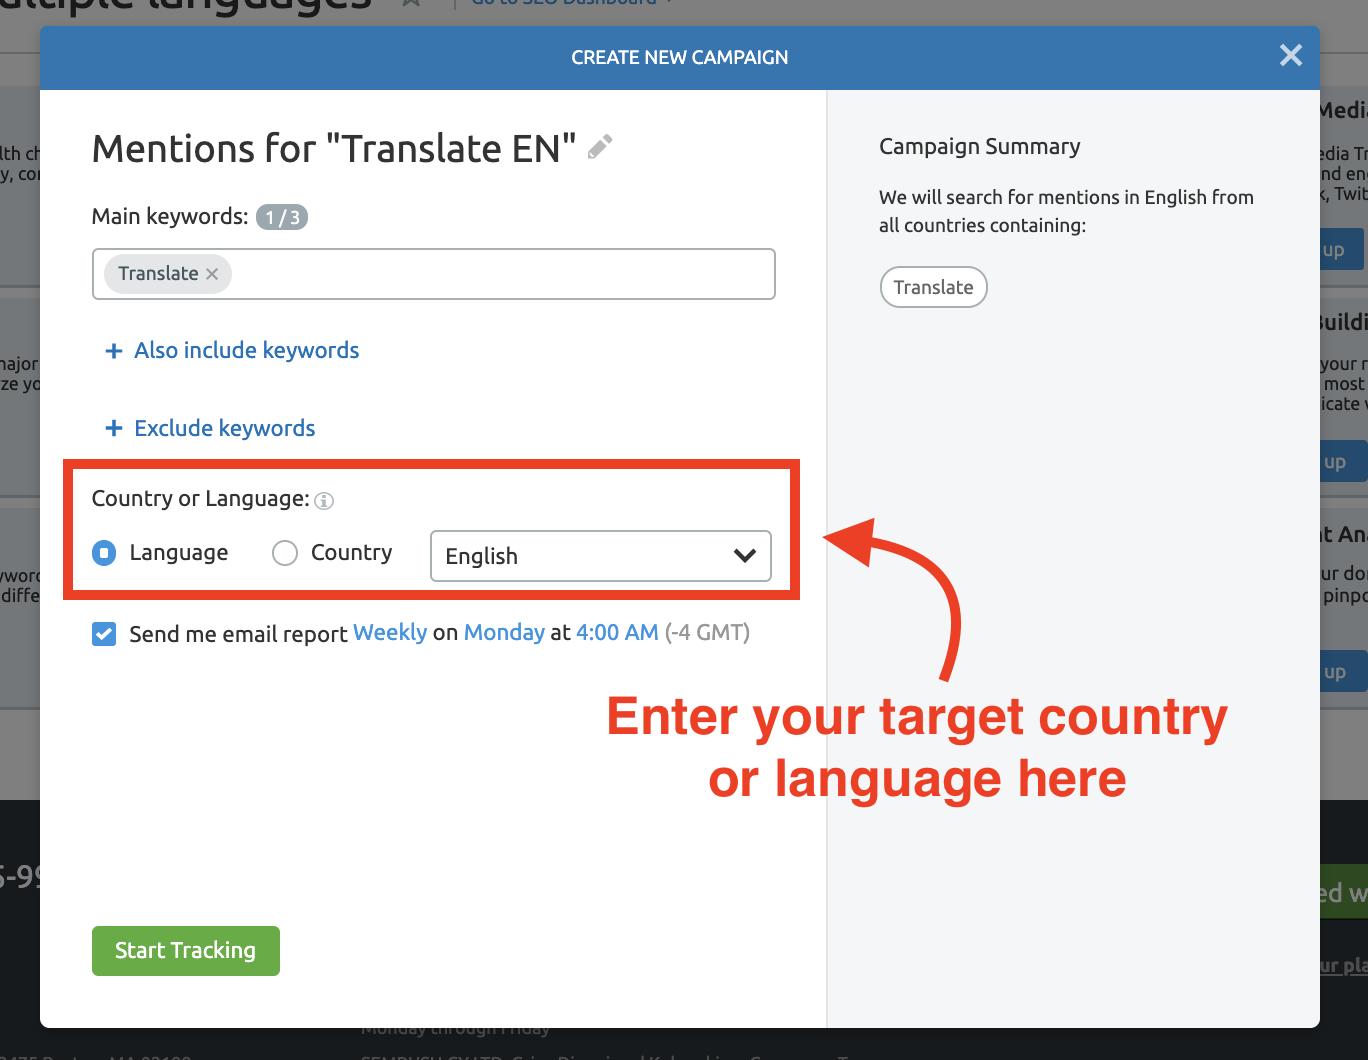 target-country-language